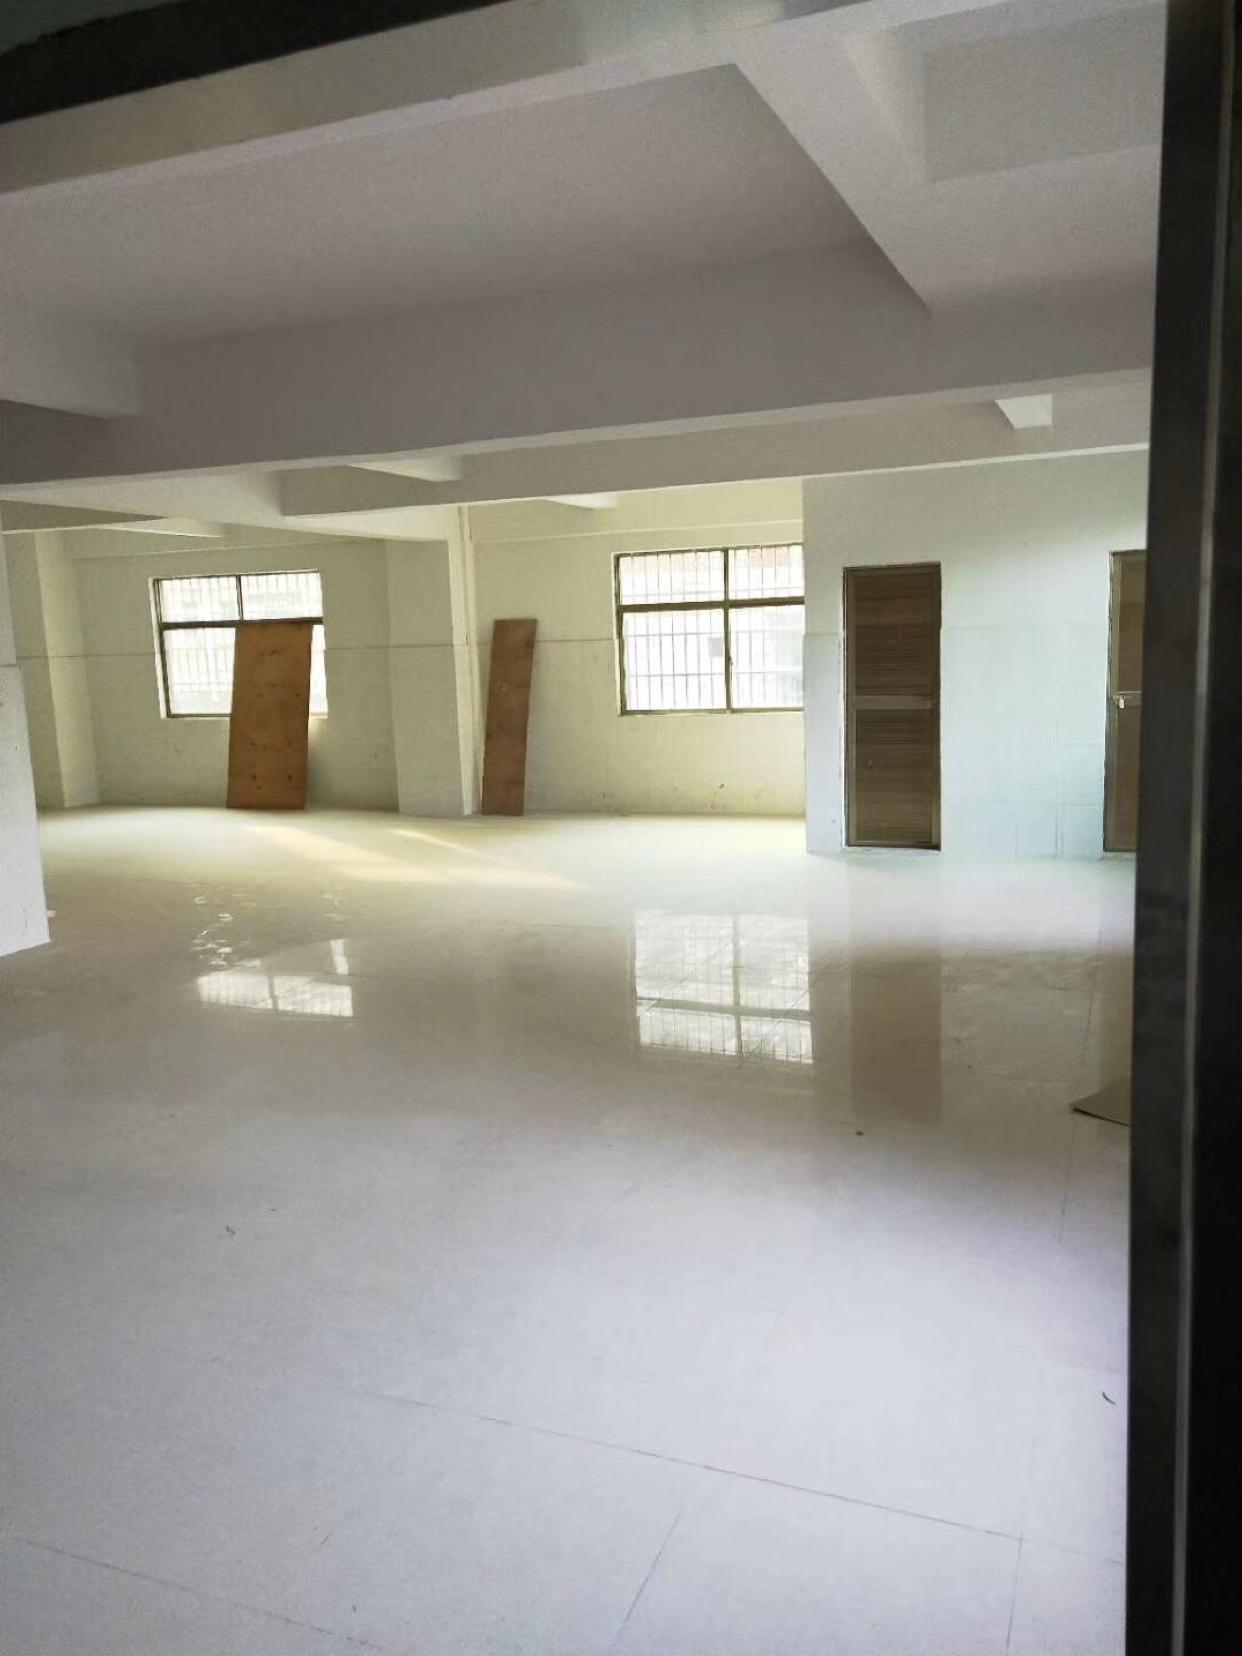 塘厦林村一楼标准厂房300平方米出租